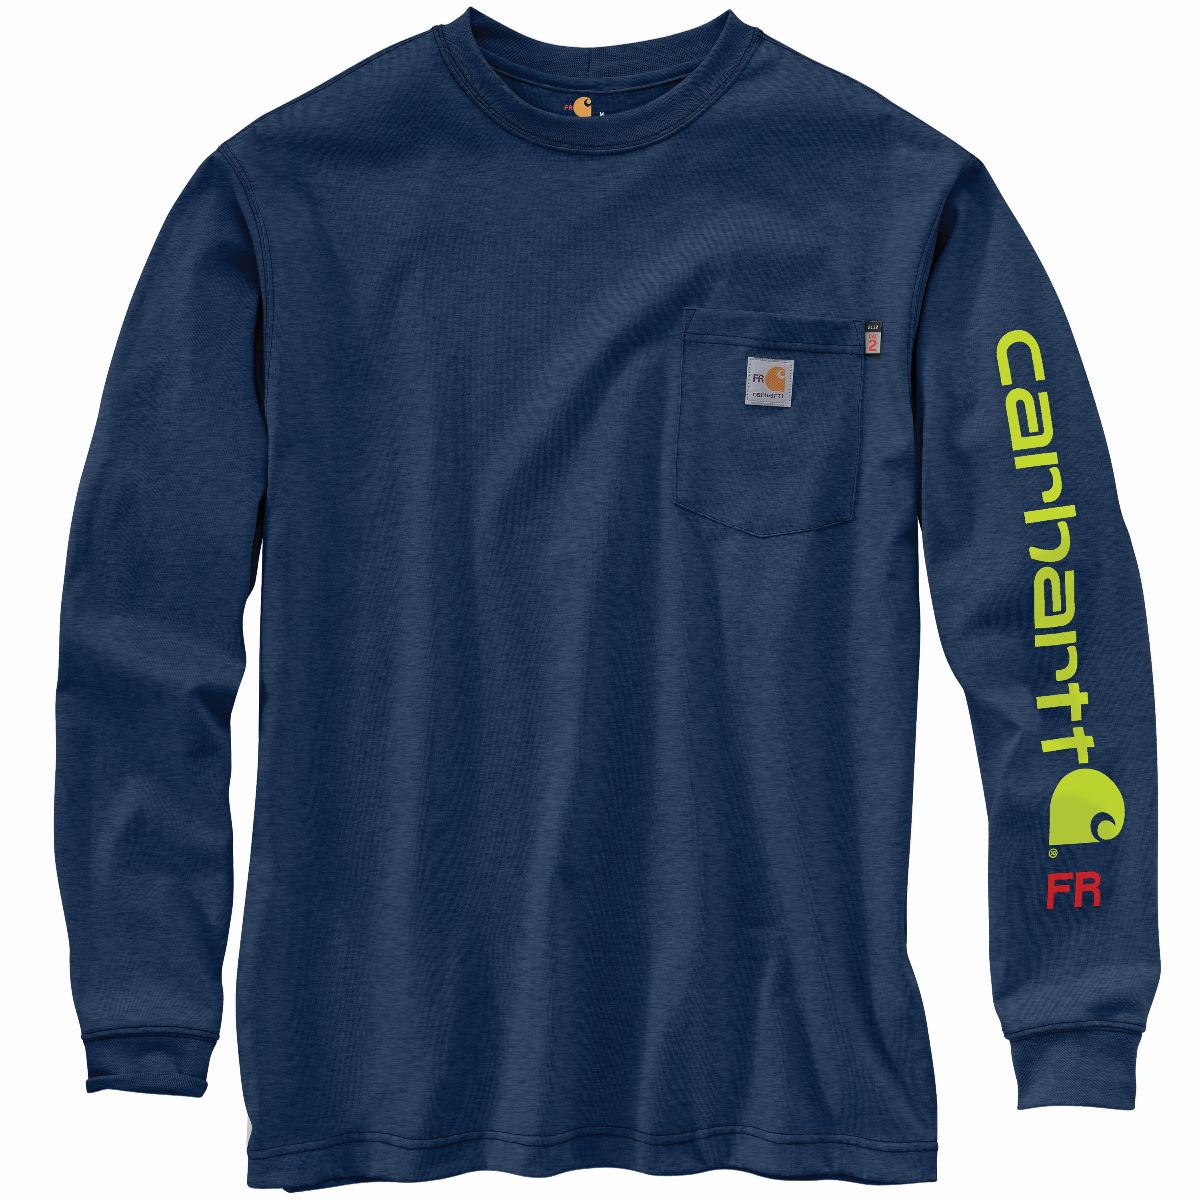 Carhartt FR Force Original Fit Midweight Long-Sleeve Signature Logo T-Shirt